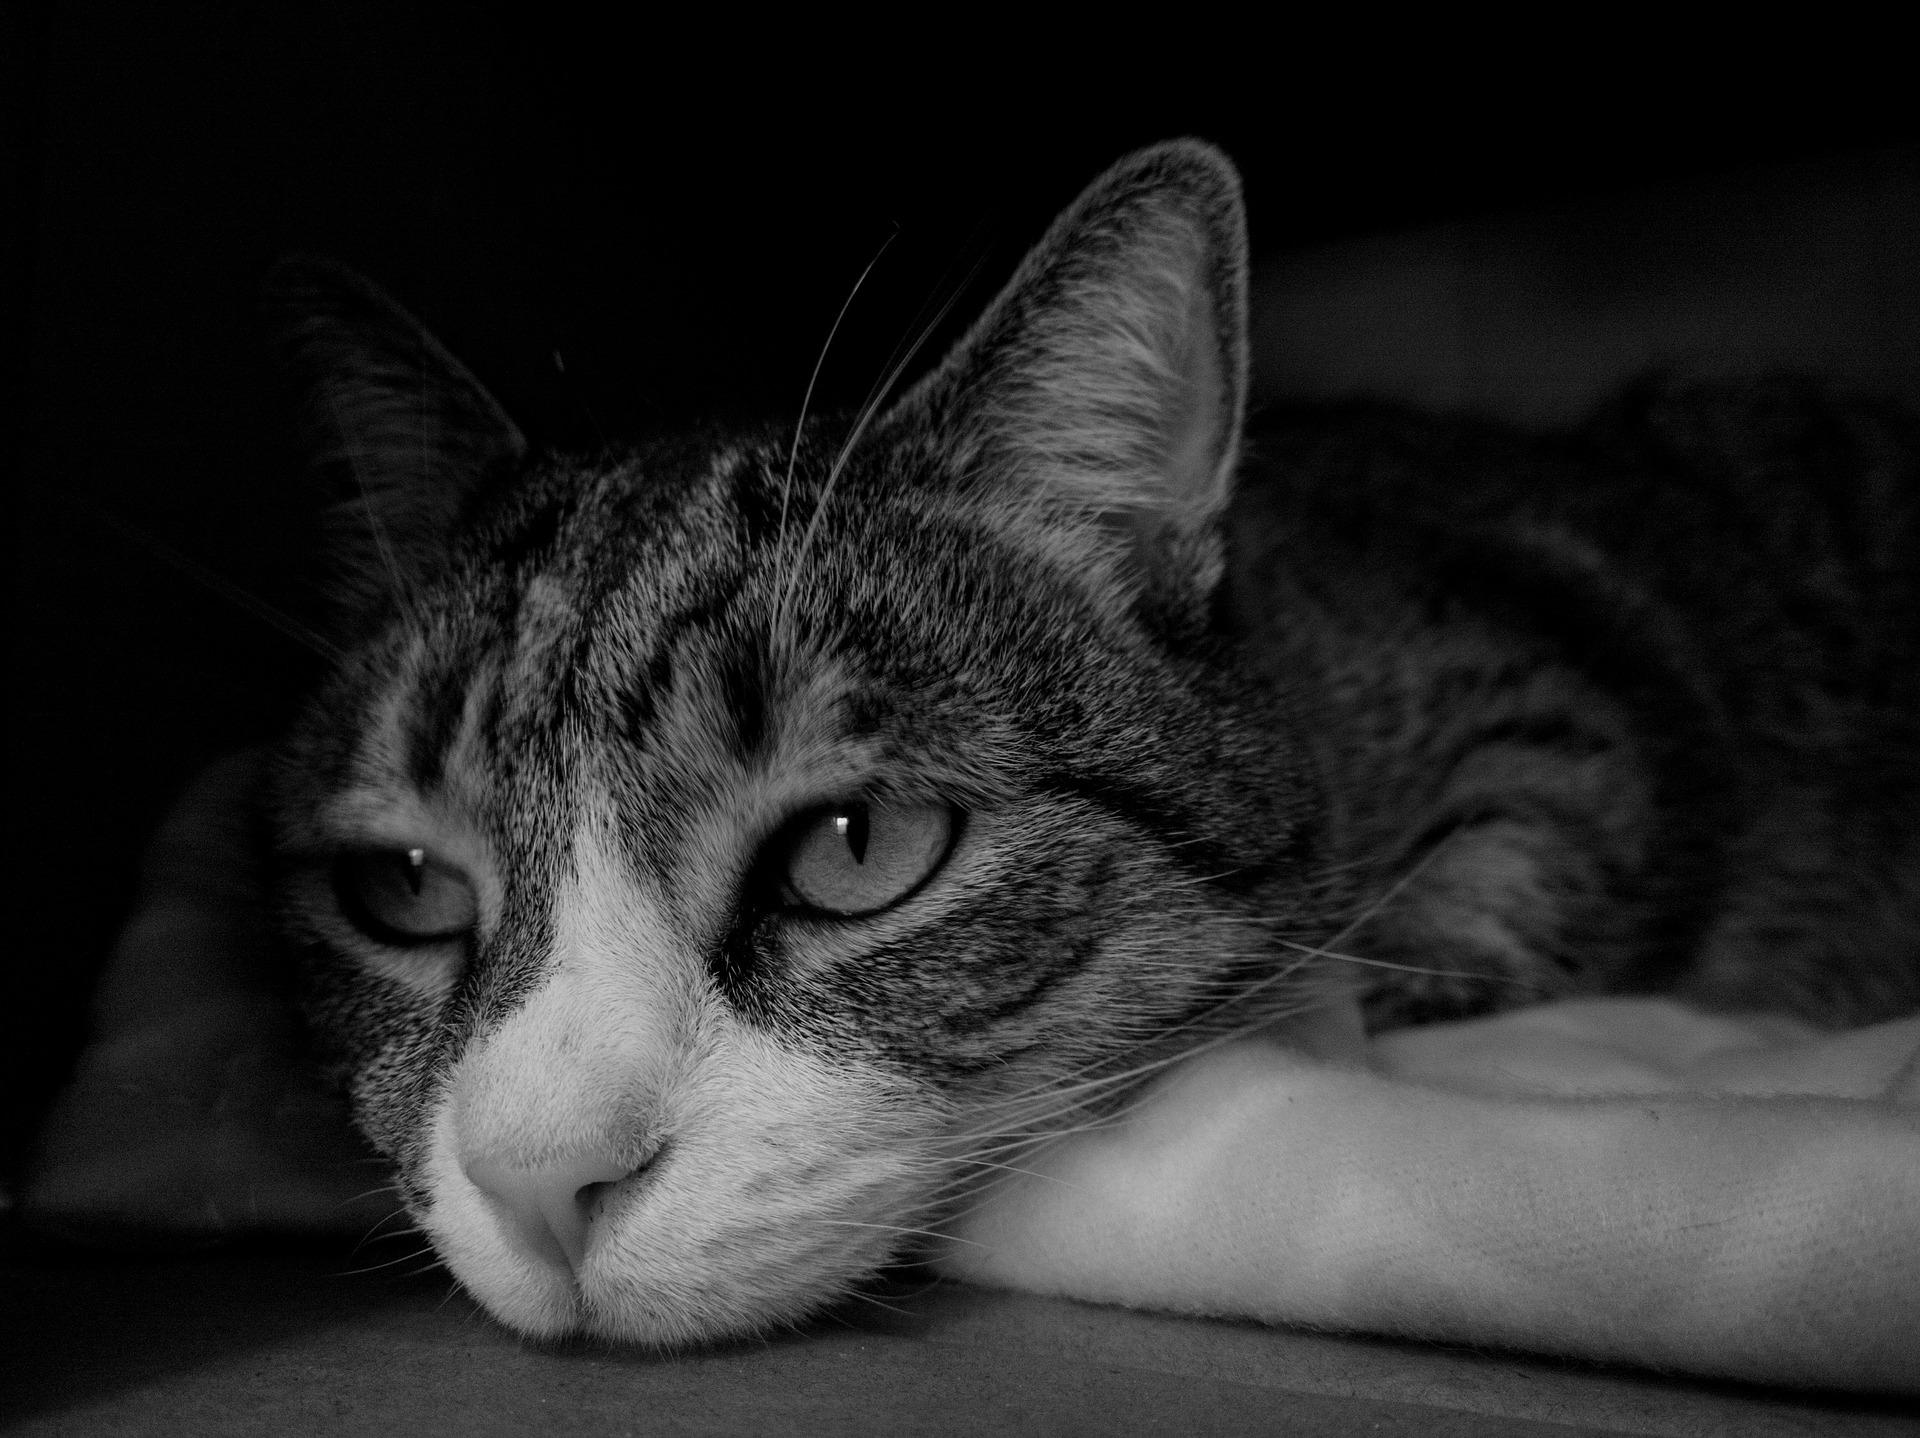 cat-1429231_1920